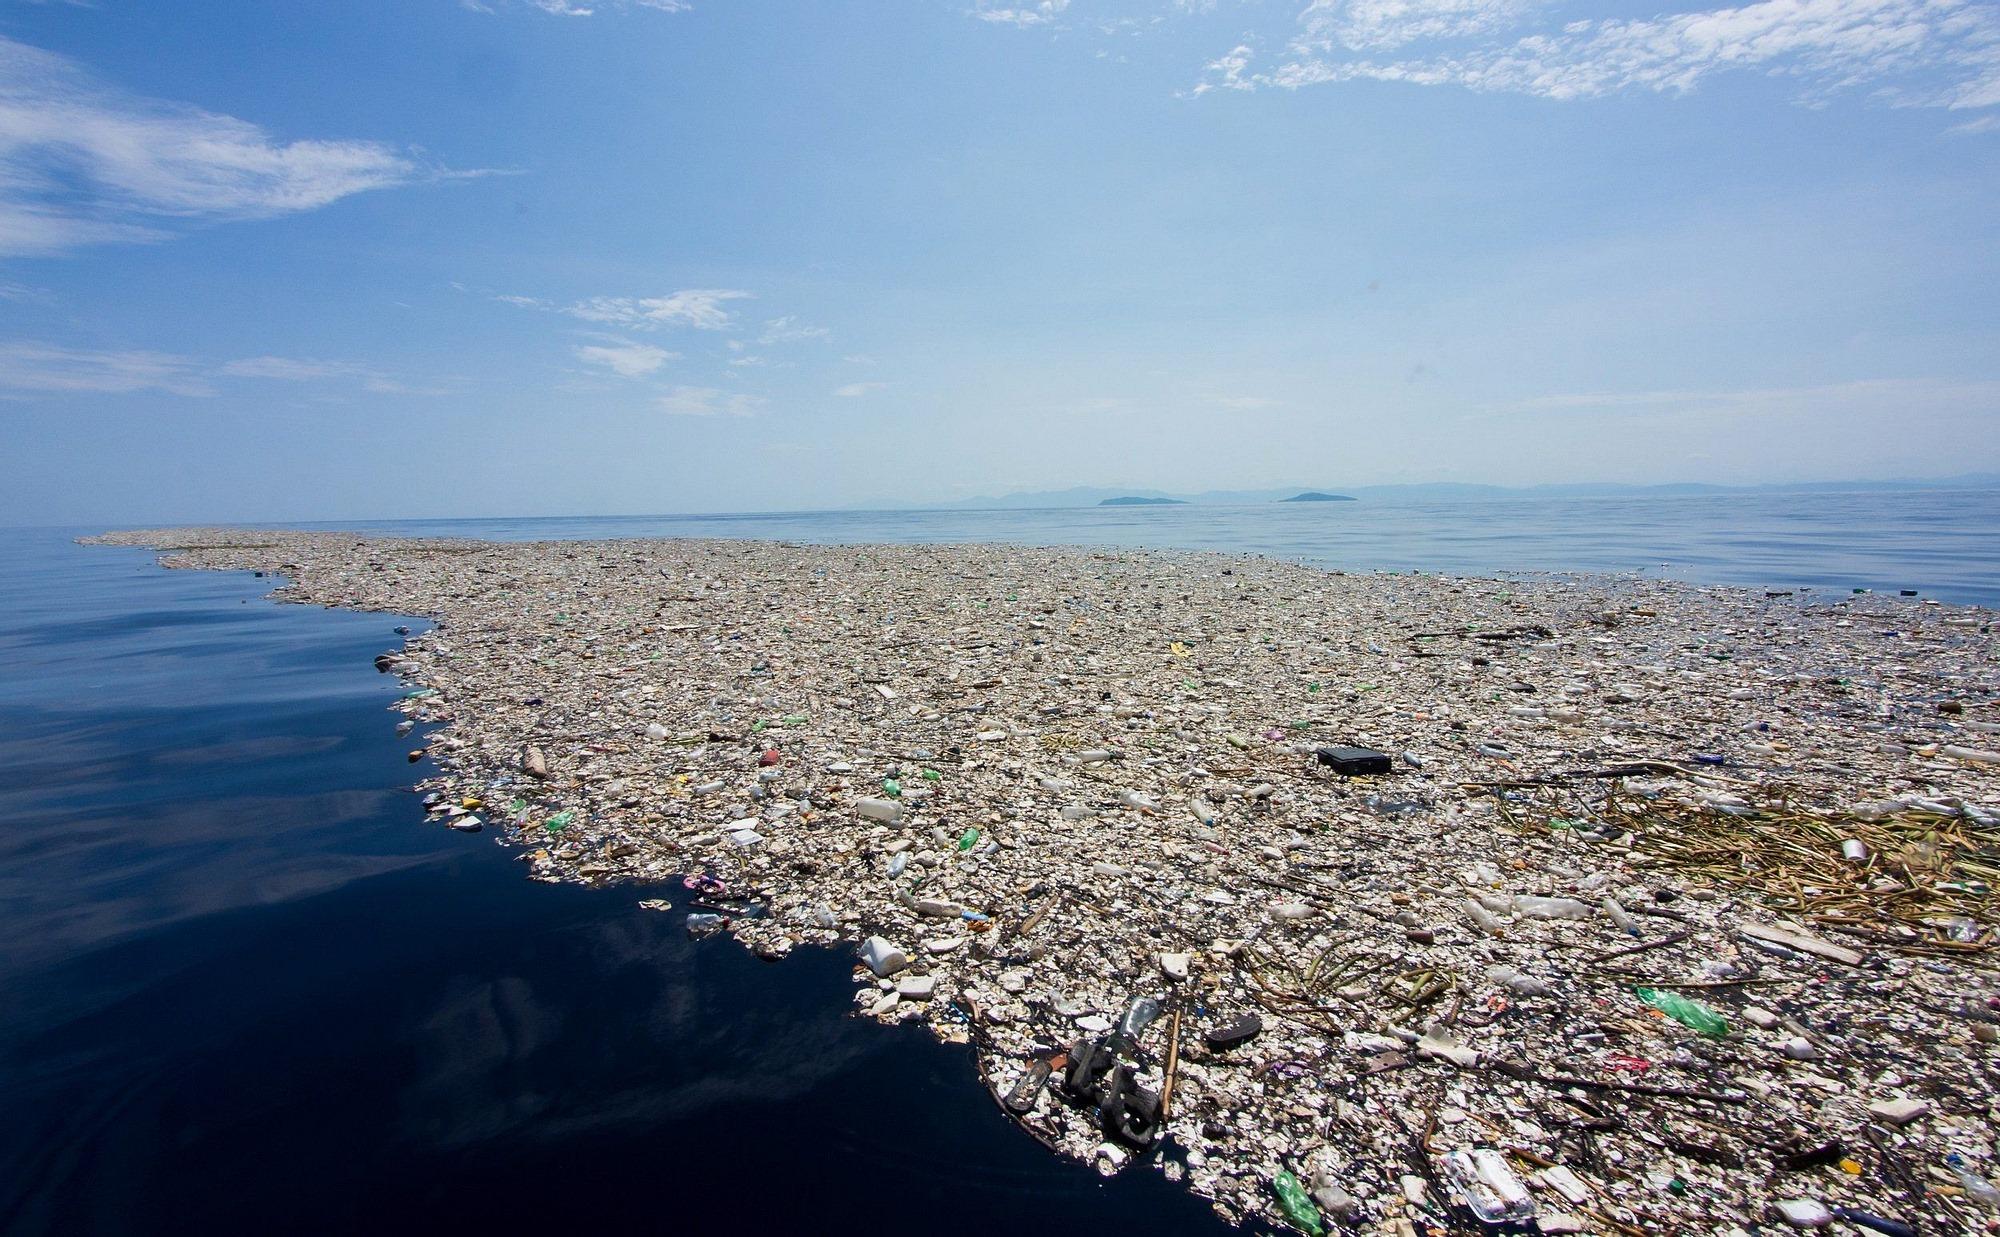 1,6 миллиарда одноразовых масок попало в океан в 2020 году. На их разложение потребуется 450 лет